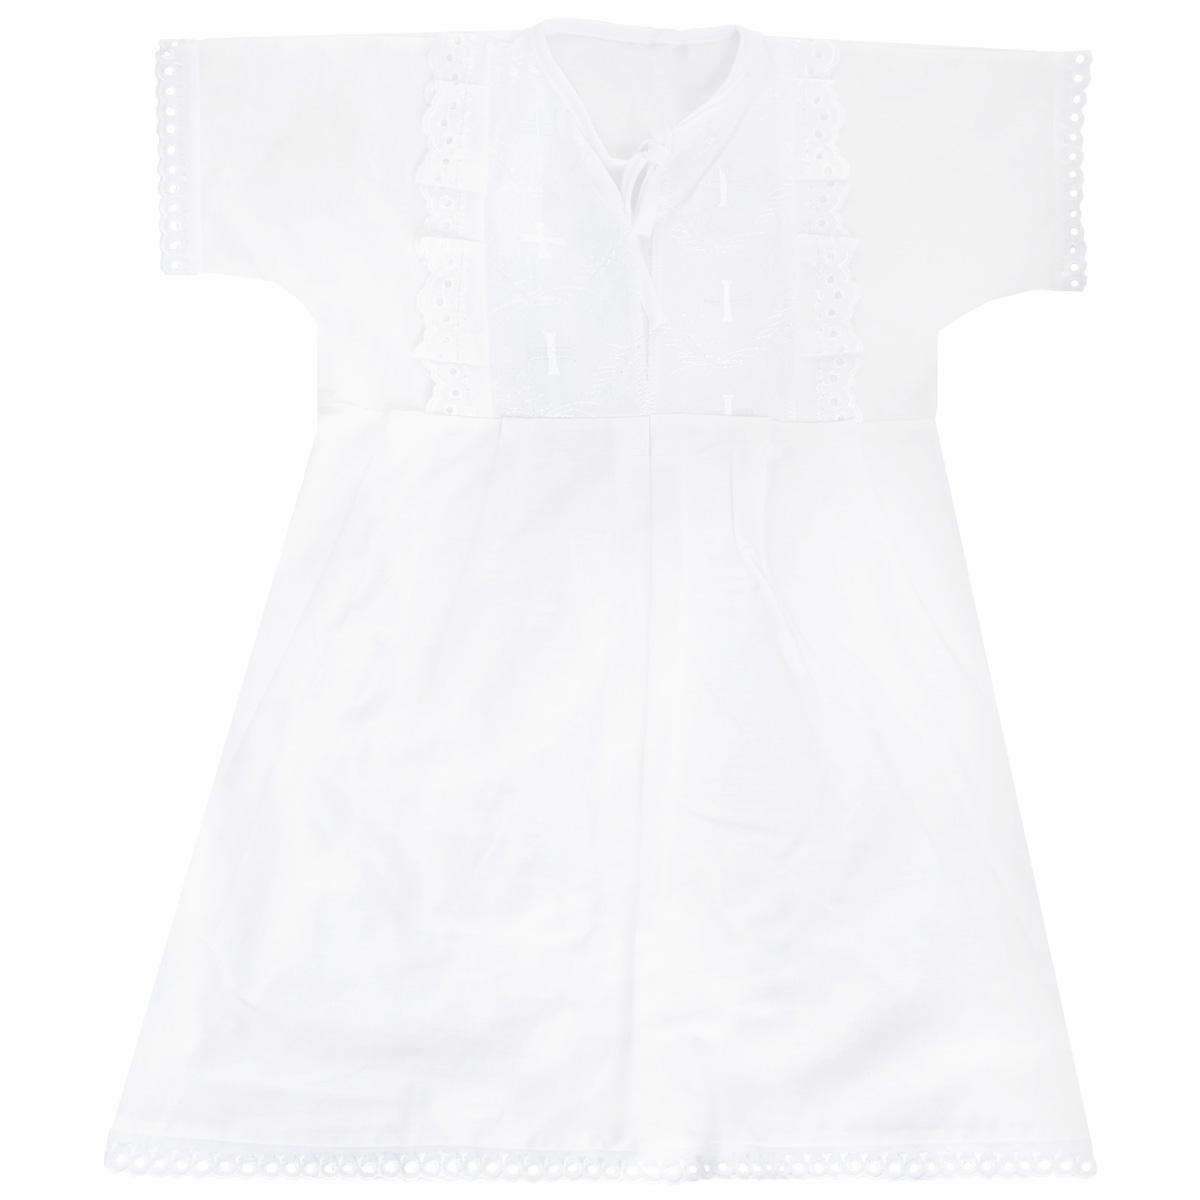 Крестильная рубашка для девочки Трон-плюс, цвет: белый. 1148. Размер 68, 6 месяцев1148Крестильная рубашка для девочки Трон-плюс, выполненная из натурального хлопка, идеально подойдет для крещения вашей малышки. Рубашка необычайно мягкая и приятная на ощупь, не сковывает движения и позволяет коже дышать, не раздражает нежную кожу ребенка, обеспечивая ему наибольший комфорт. Рубашка трапециевидной формы с короткими рукавами имеет две завязки на груди, которые помогают с легкостью переодеть младенца. На груди рубашечка украшена ажурными рюшами и вышивками. Низ рукавов и низ изделия оформлен ажурными петельками. От линии талии заложены складочки, придающие рубашке пышность.Благодаря такой рубашке ваша малышка не замерзнет, и будет выглядеть нарядно.